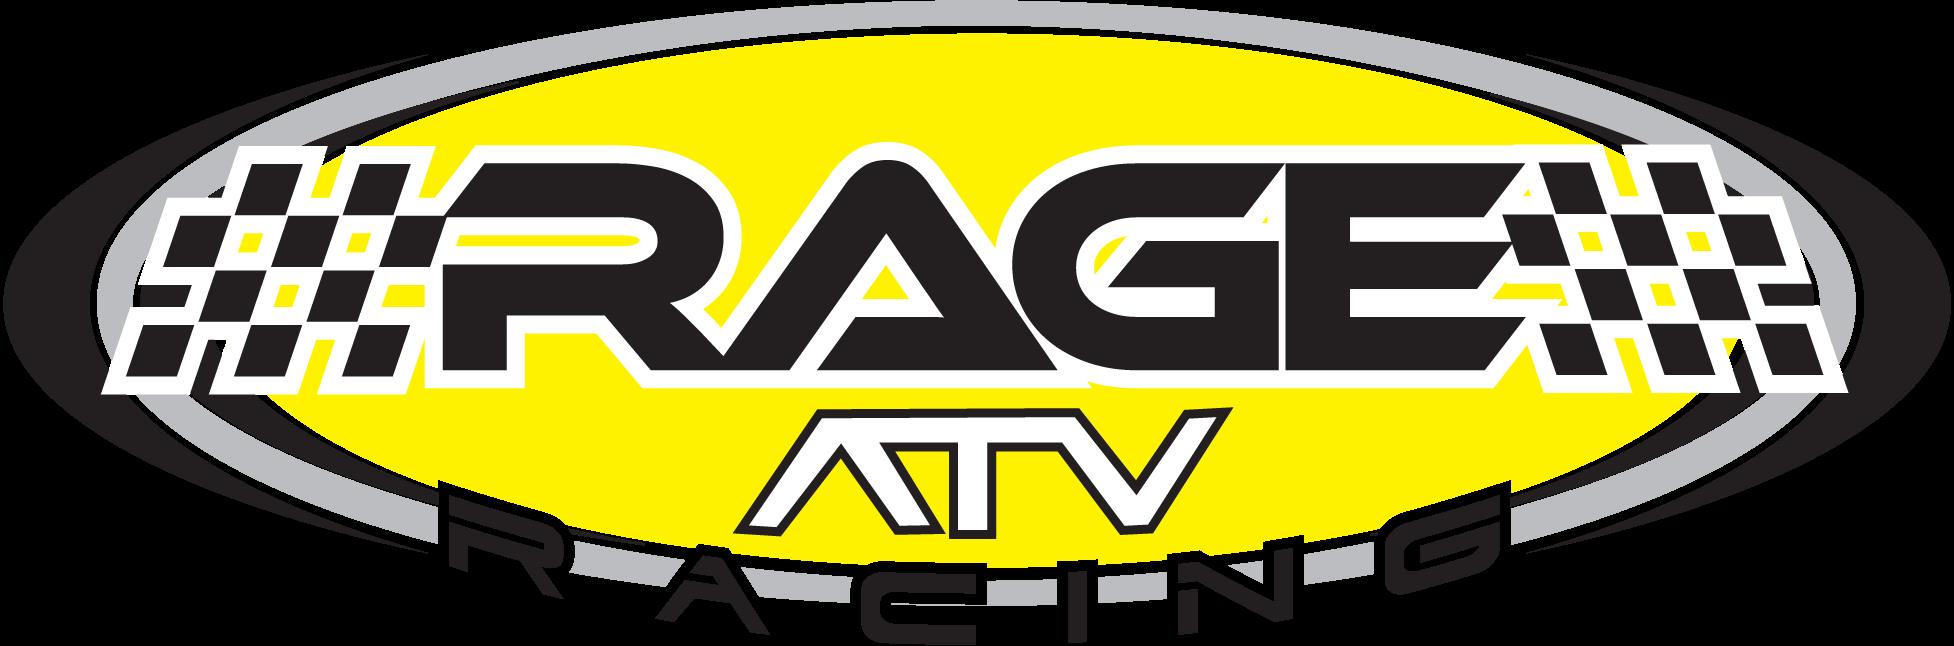 https://secureservercdn.net/198.71.233.202/5vj.010.myftpupload.com/wp-content/uploads/2018/02/cropped-Rage-Logo.png